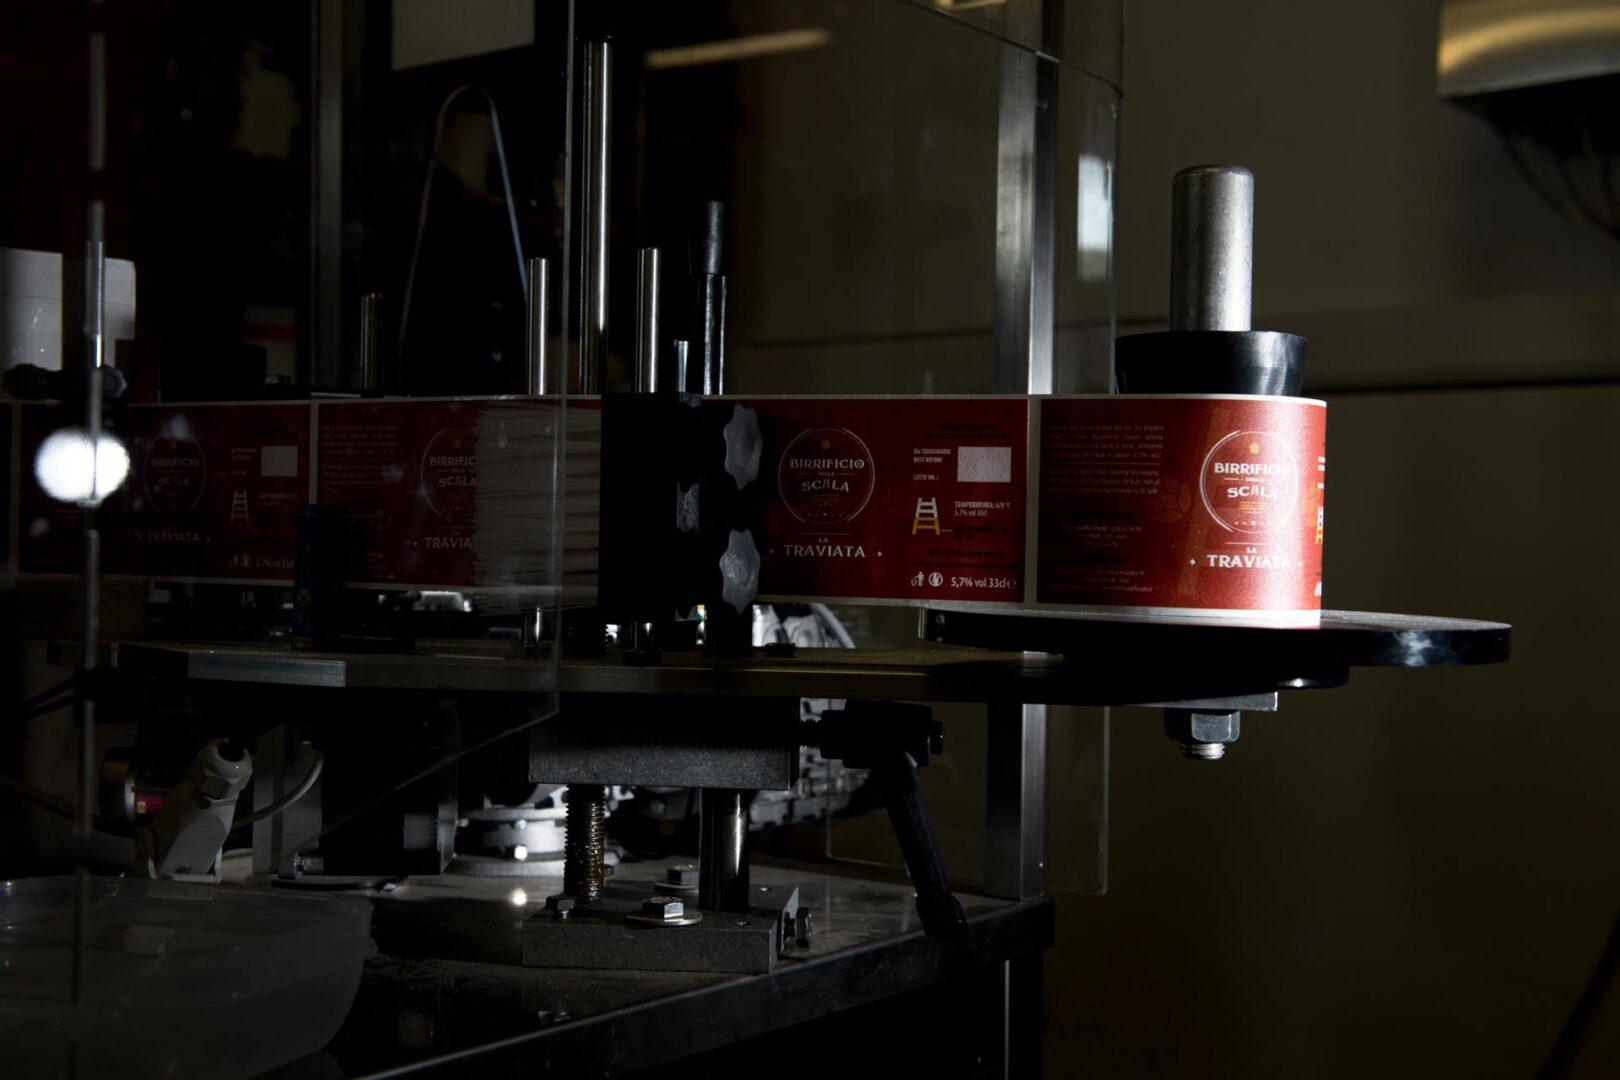 etichettat-apa-artigianale-birrificio-della-scala